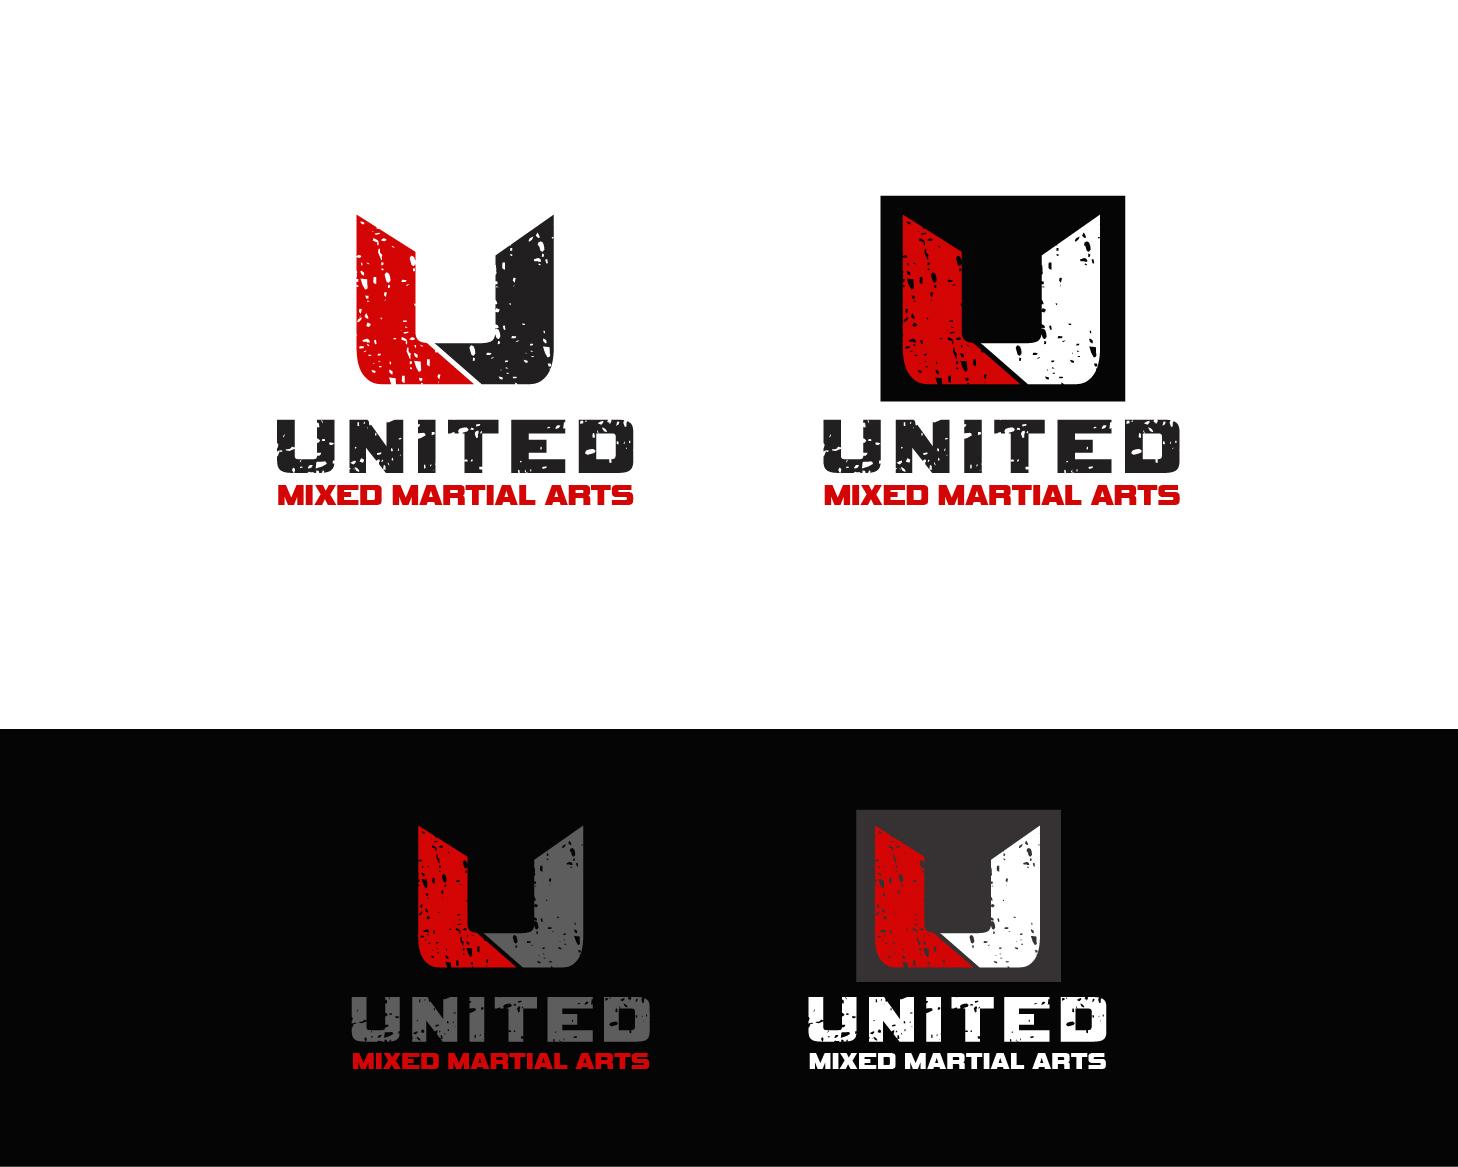 Logo Design by Allan Esclamado - Entry No. 110 in the Logo Design Contest Artistic Logo Design for United Mixed Martial Arts Ltd..